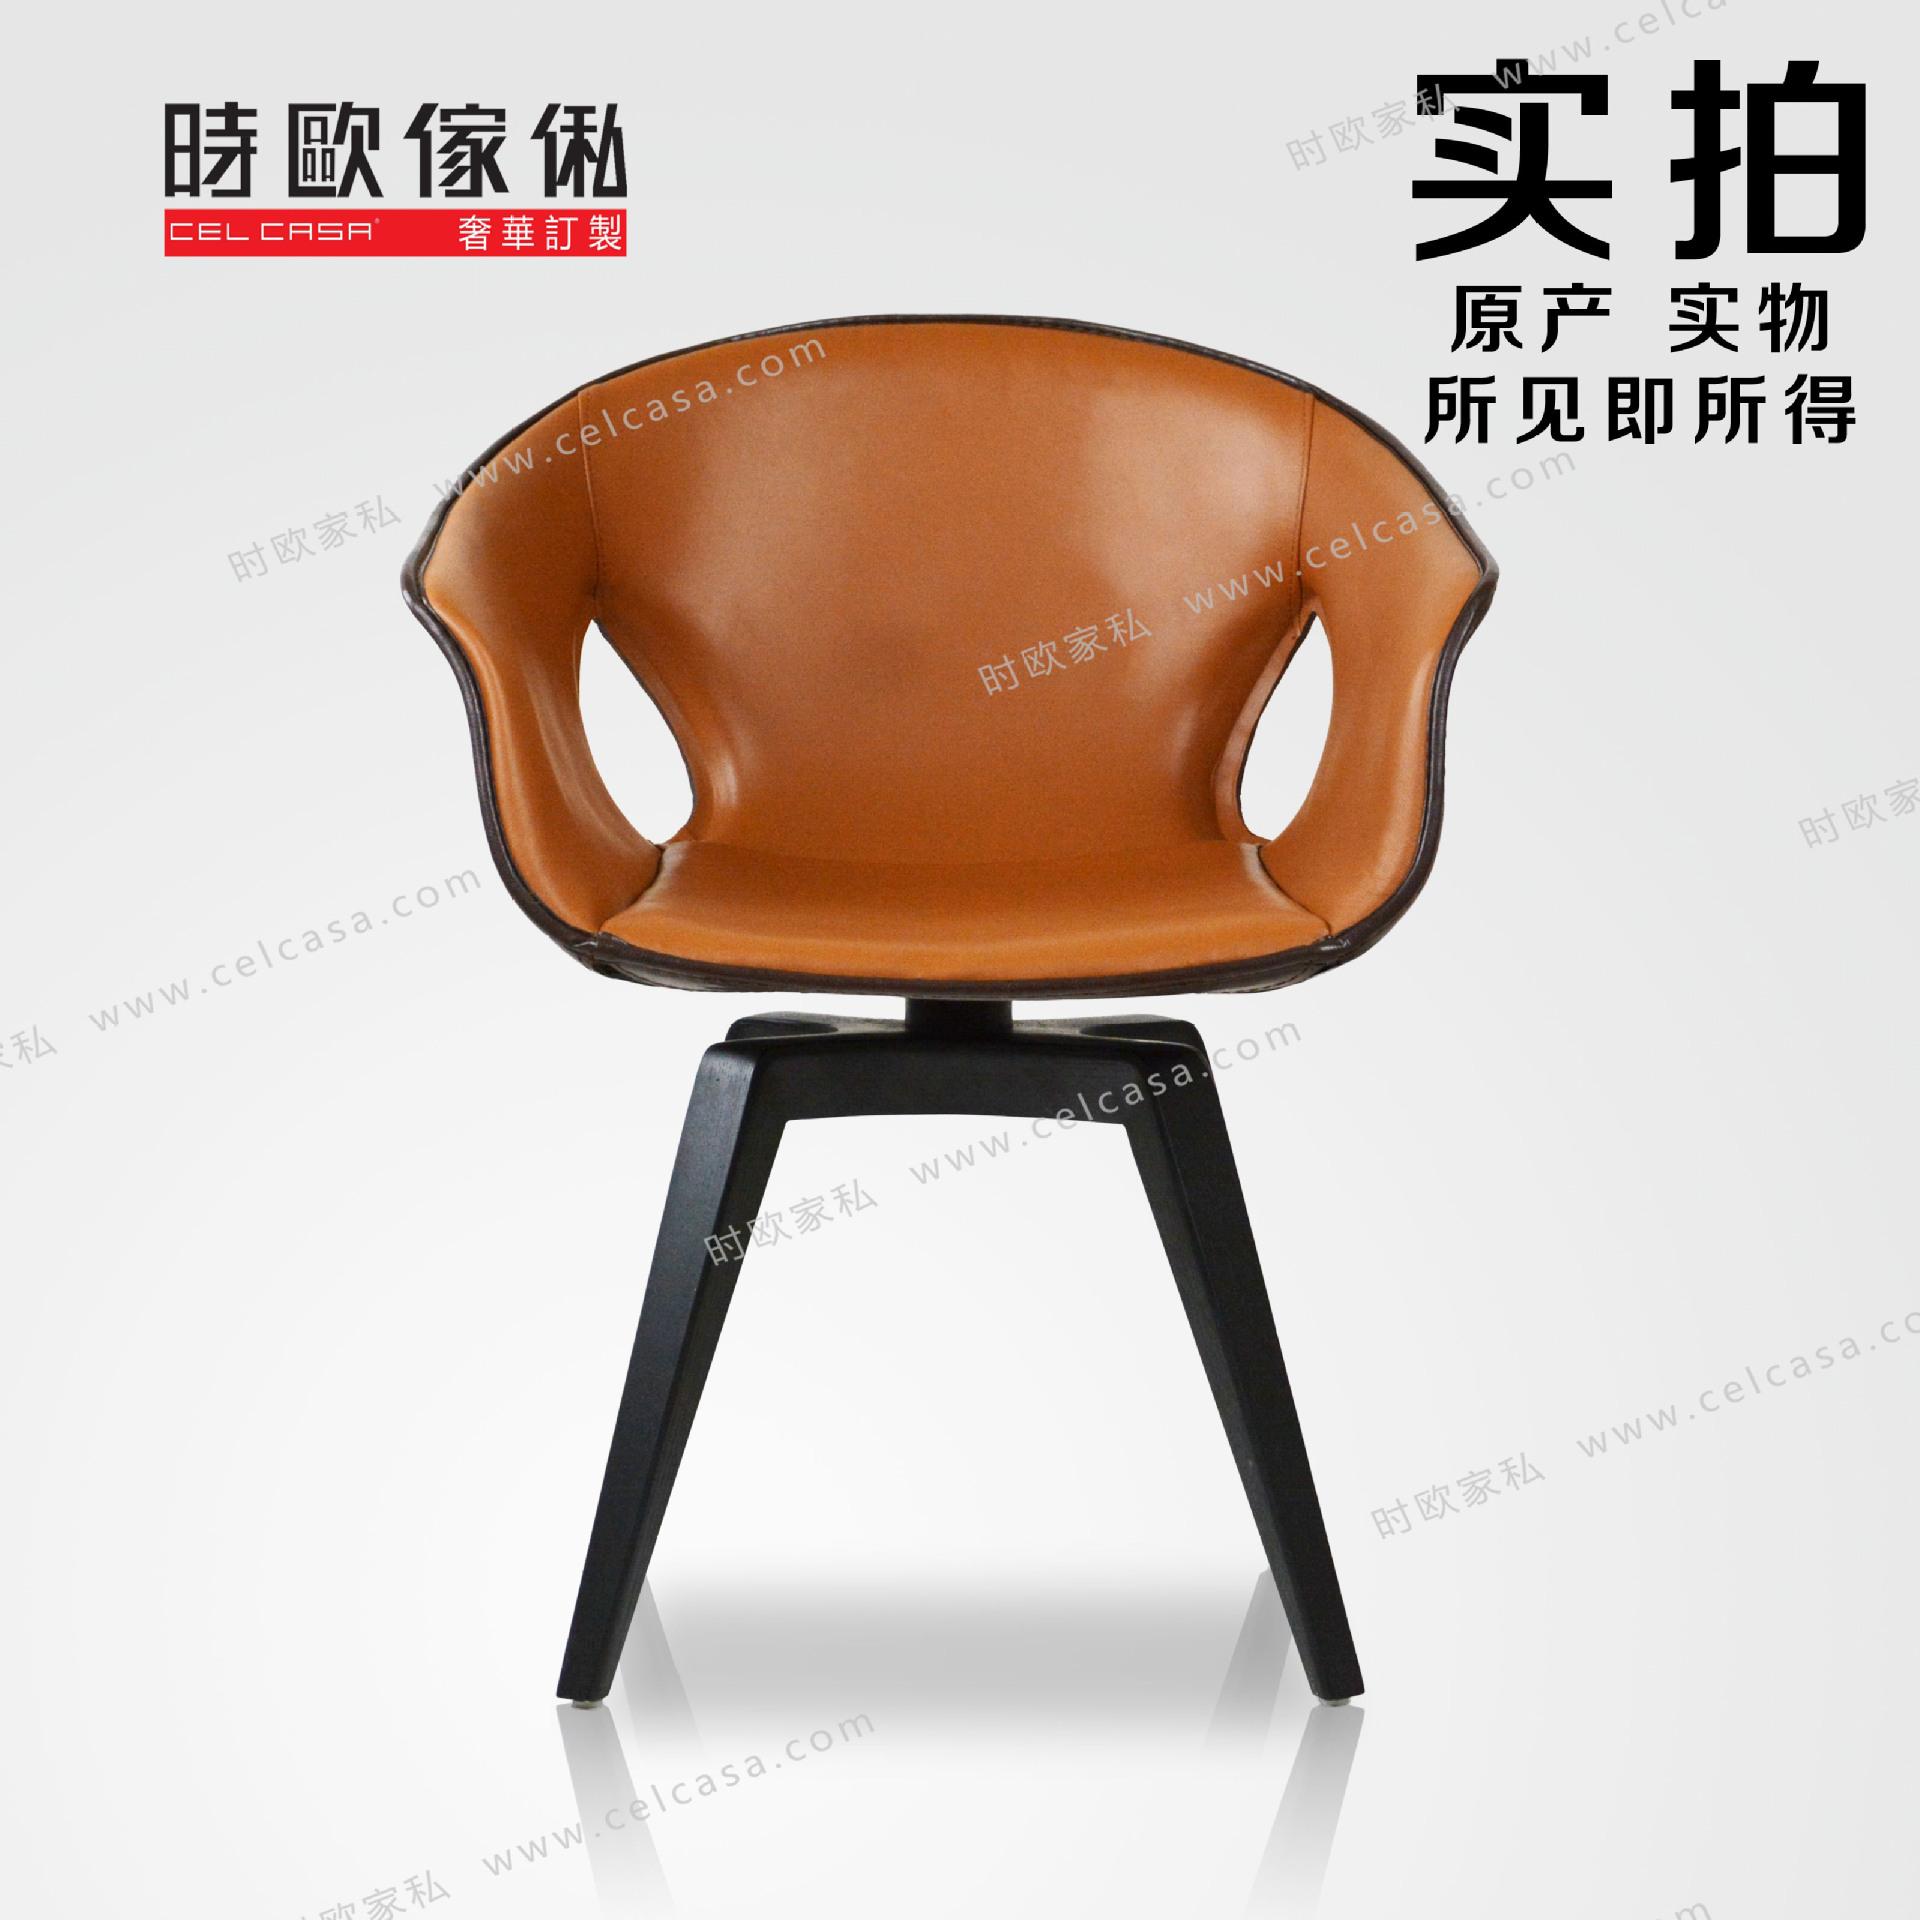 设计师椅 大师设计椅 餐椅ginger chair 姜椅